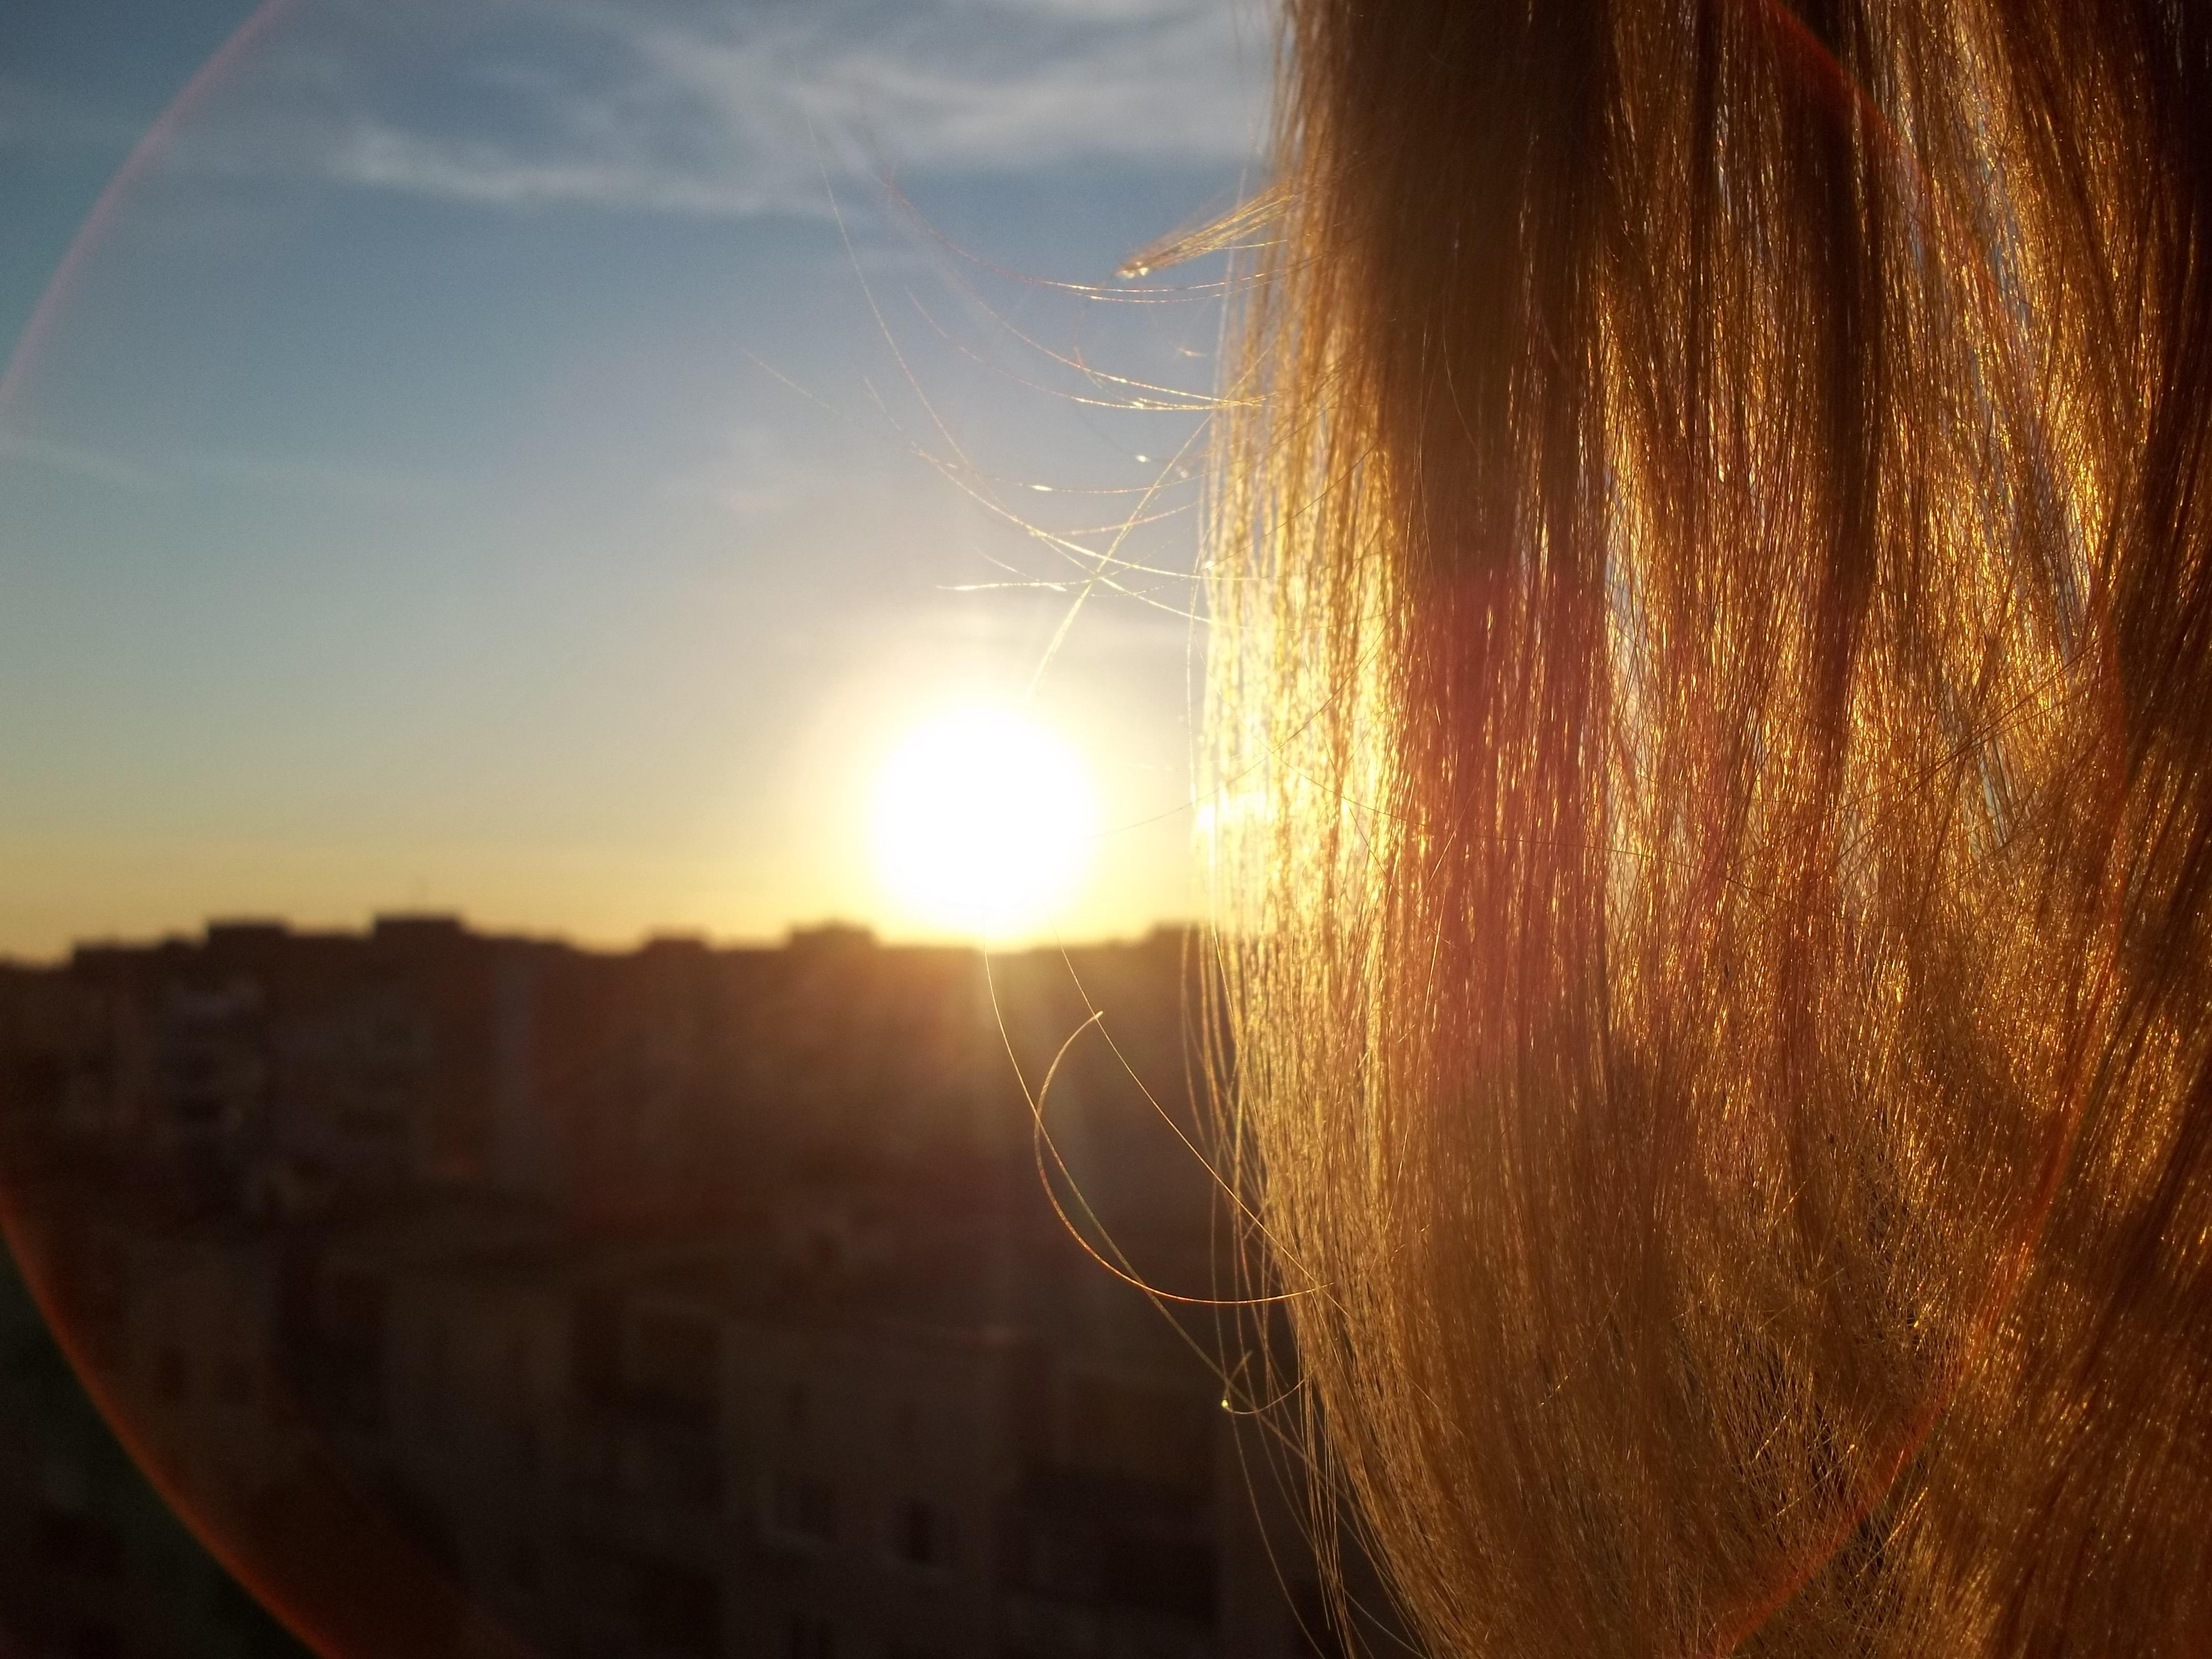 составе новомалыклинского фотографии когда солнце в лицо нем существует